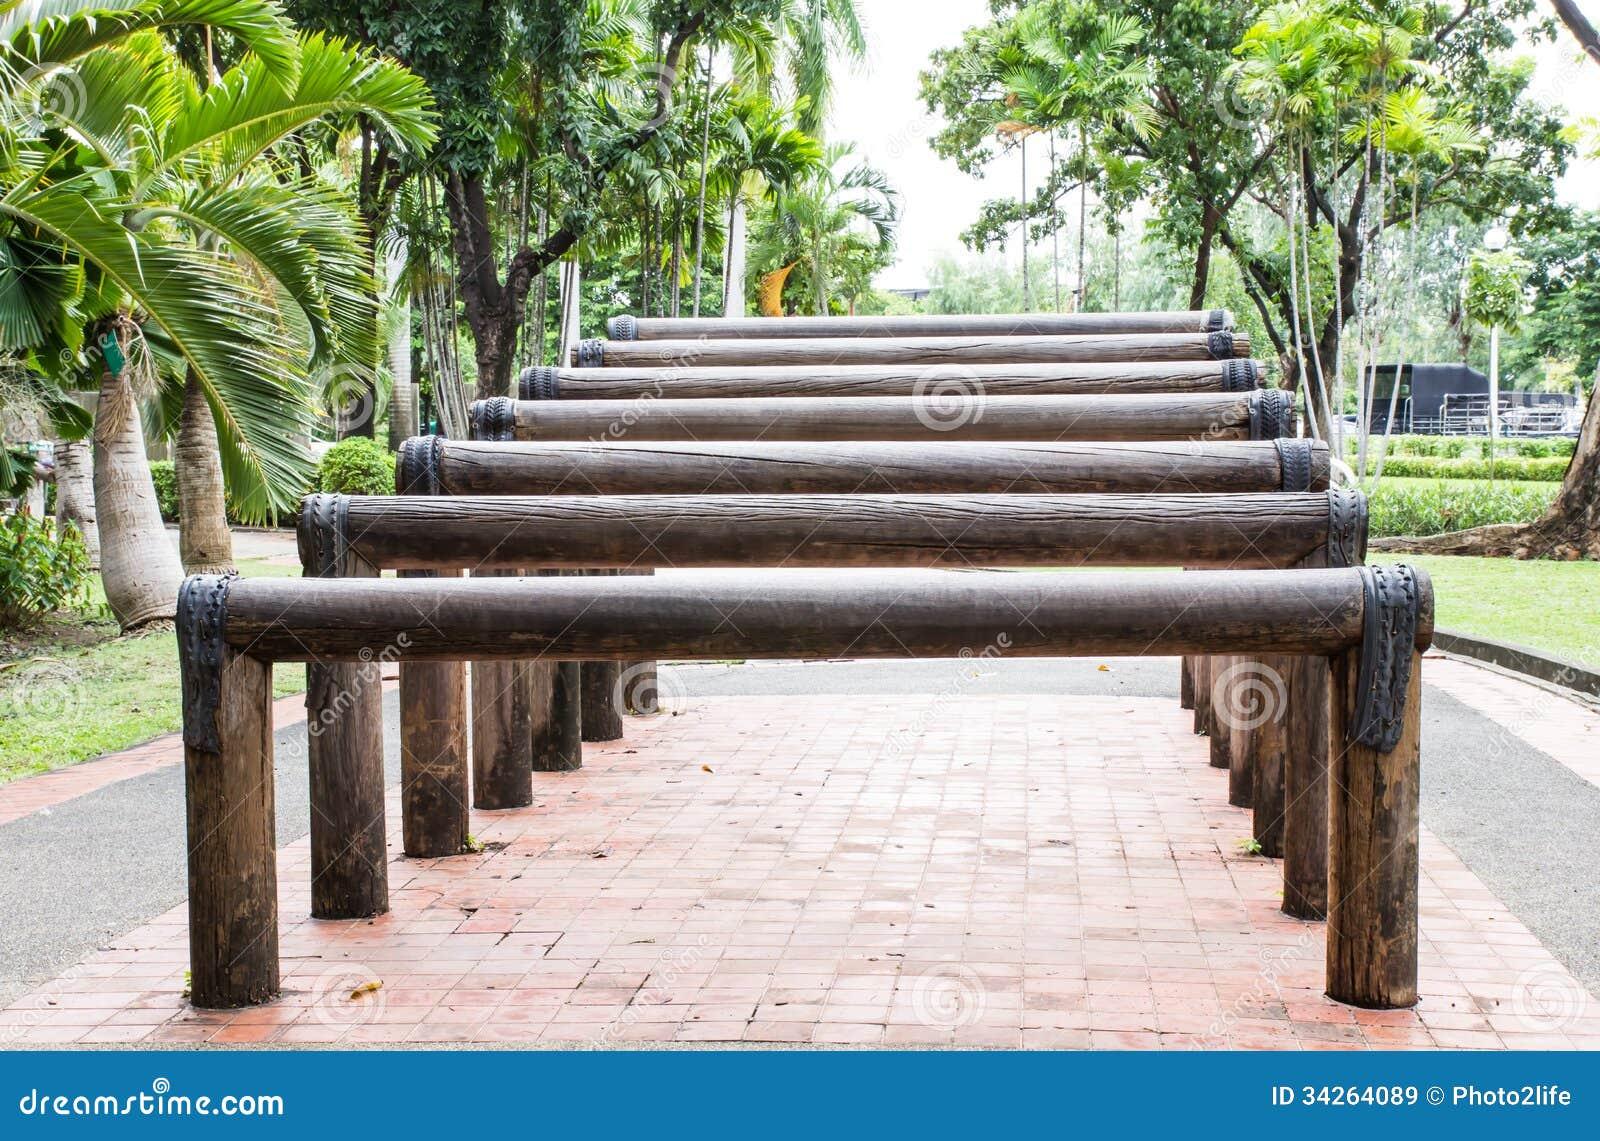 Escaleras de madera para el ejercicio en jard n im genes de archivo libres de regal as imagen - Escaleras jardin ...